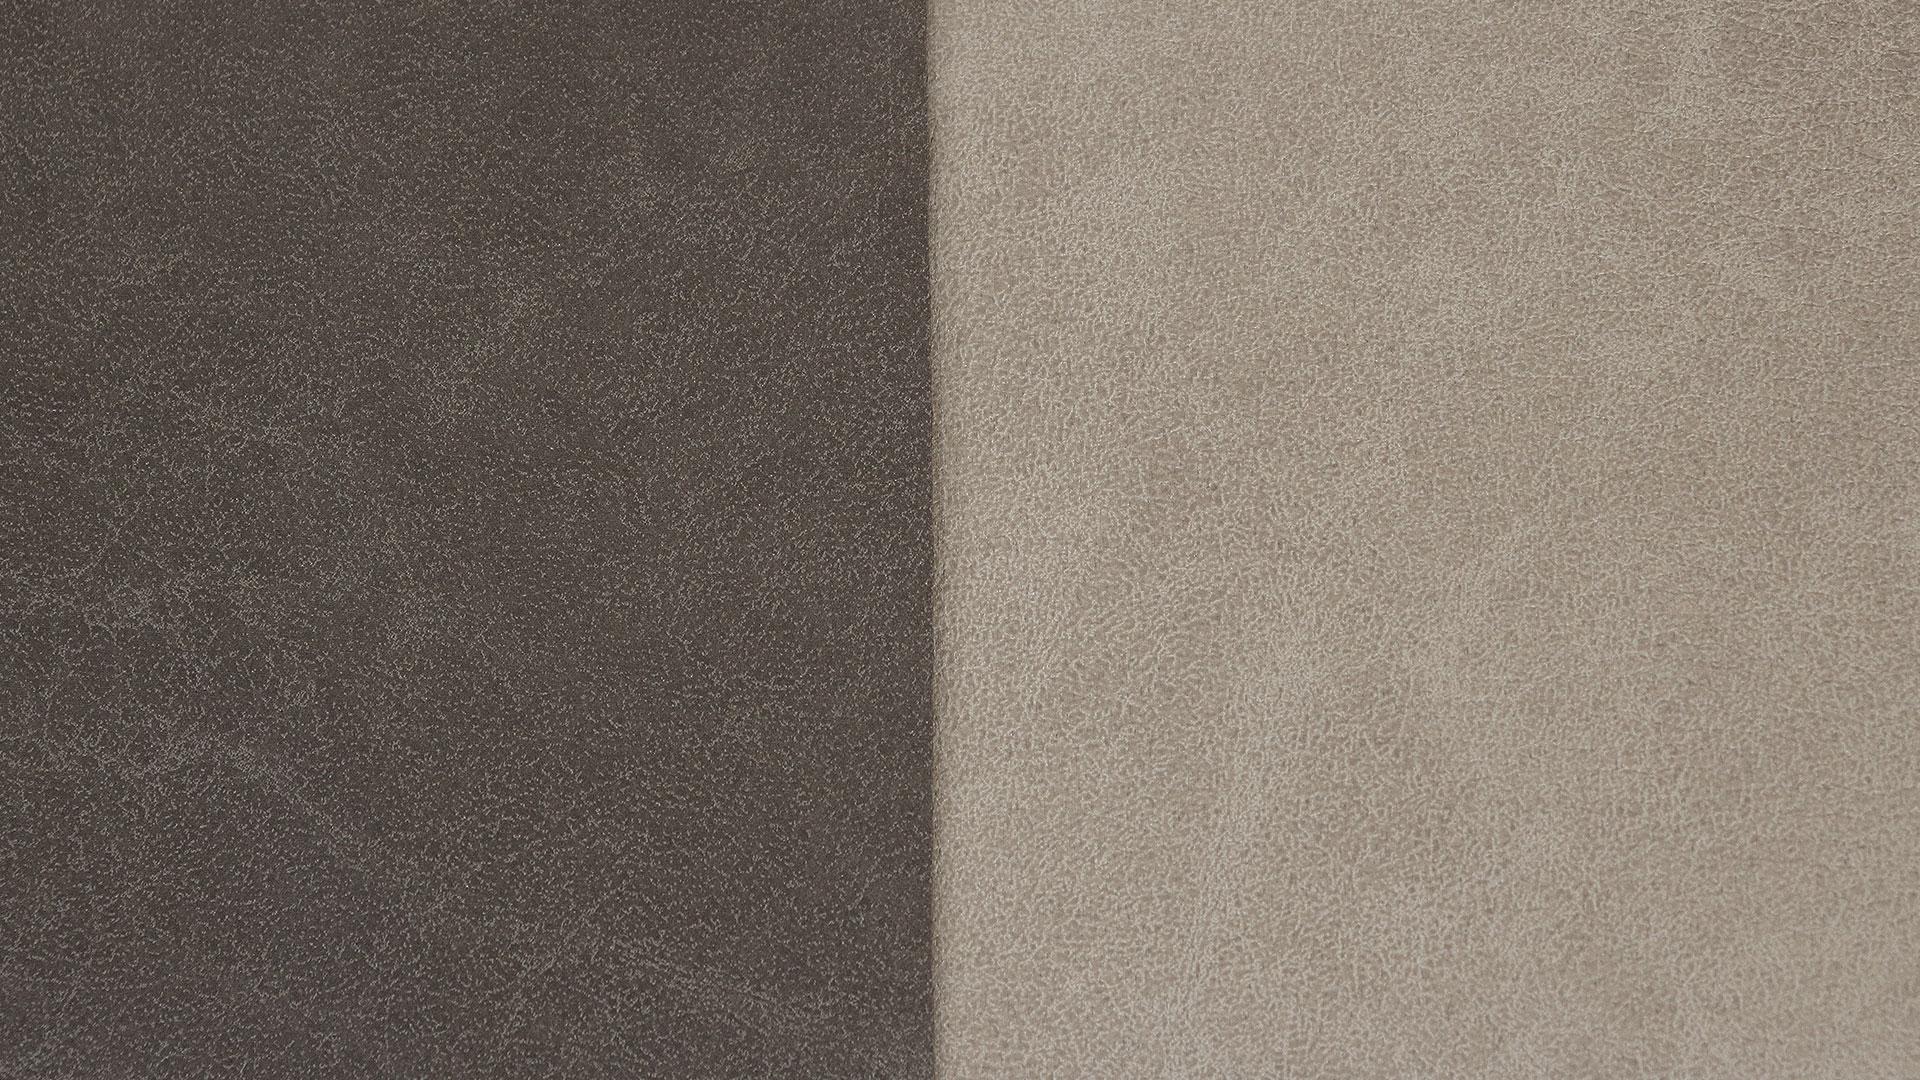 アスクインのベッドソファ、トニーのグレー色とダークブラウン色の生地見本の素材の画像